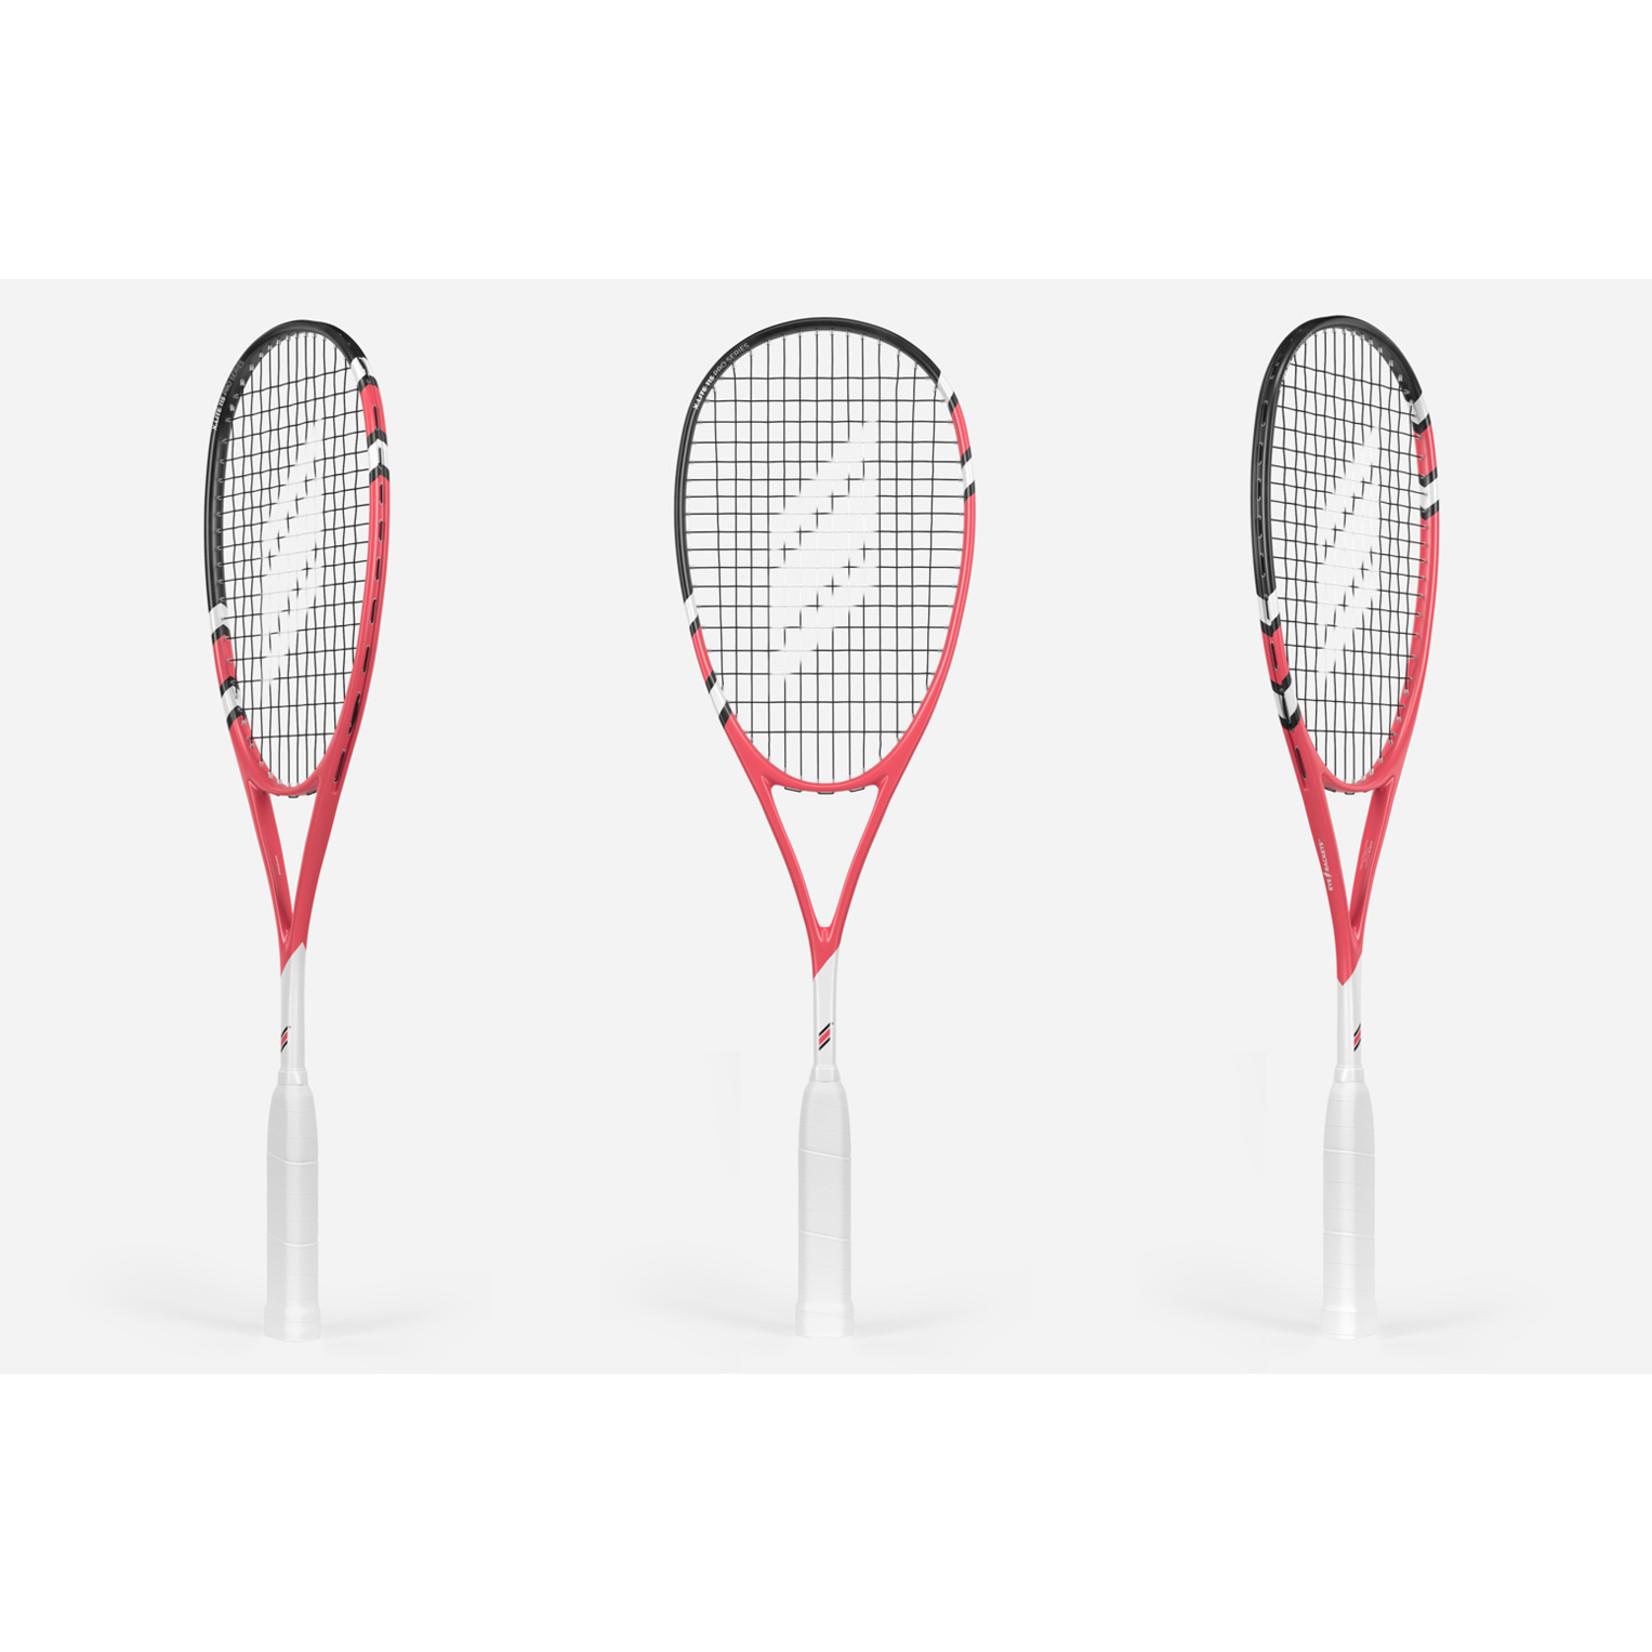 Eye X.lite 115 Pro squashracket